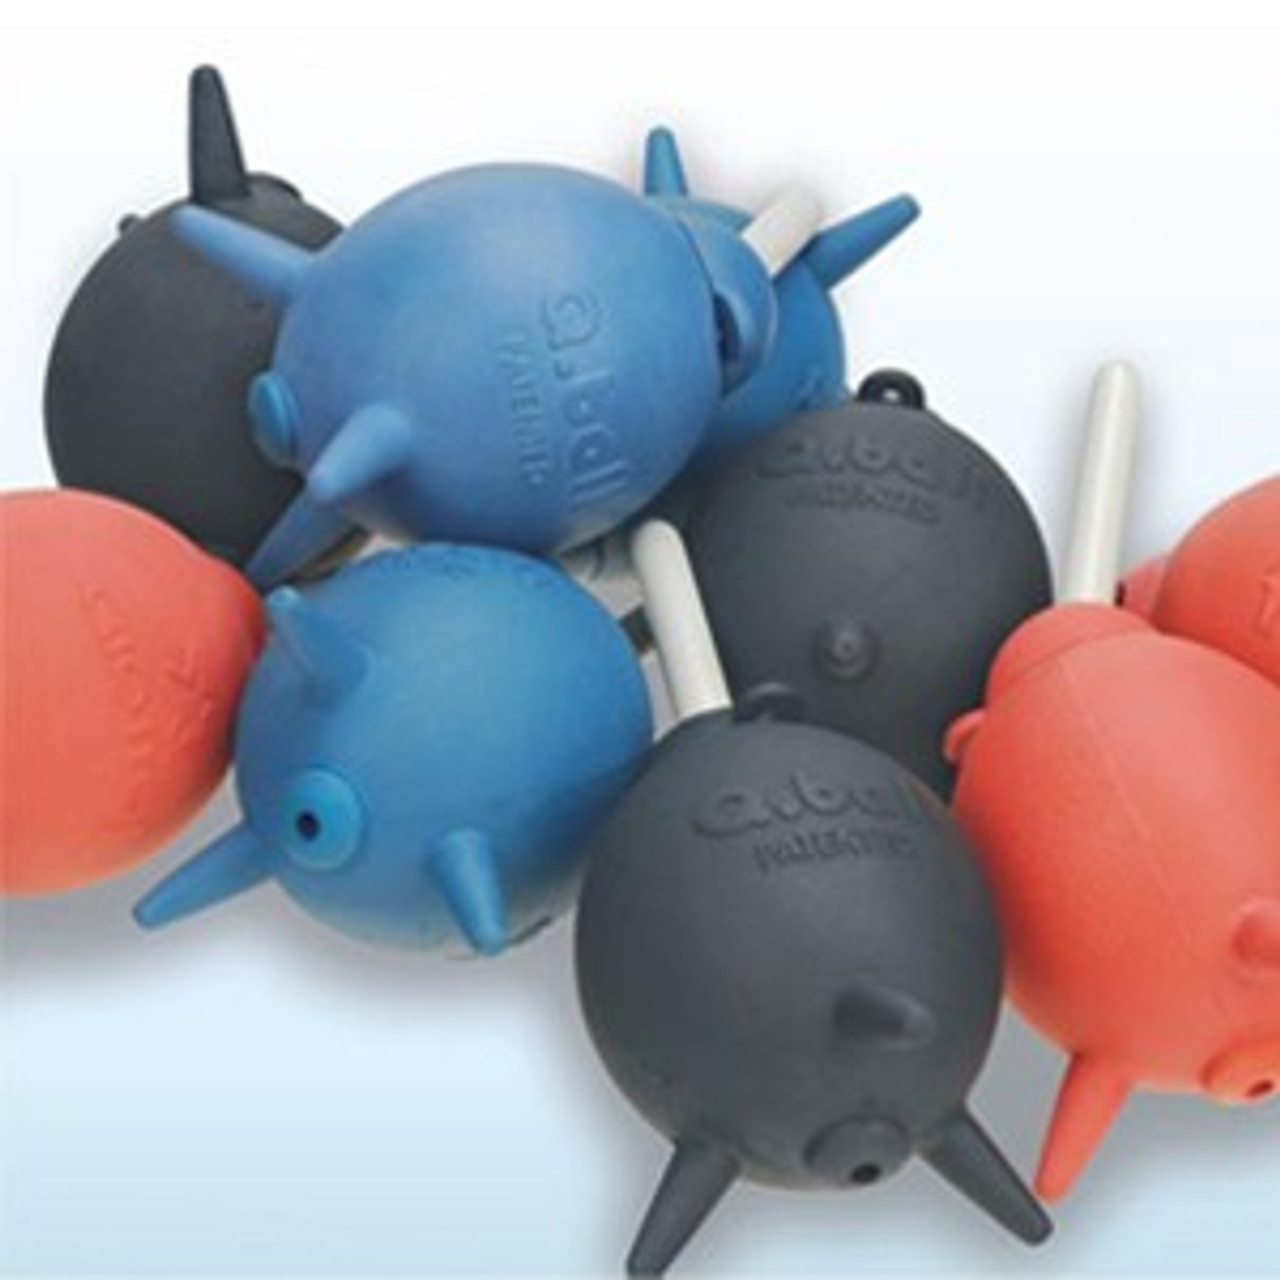 Giottos CL2820 Q.Ball Air Blower Blue Medium